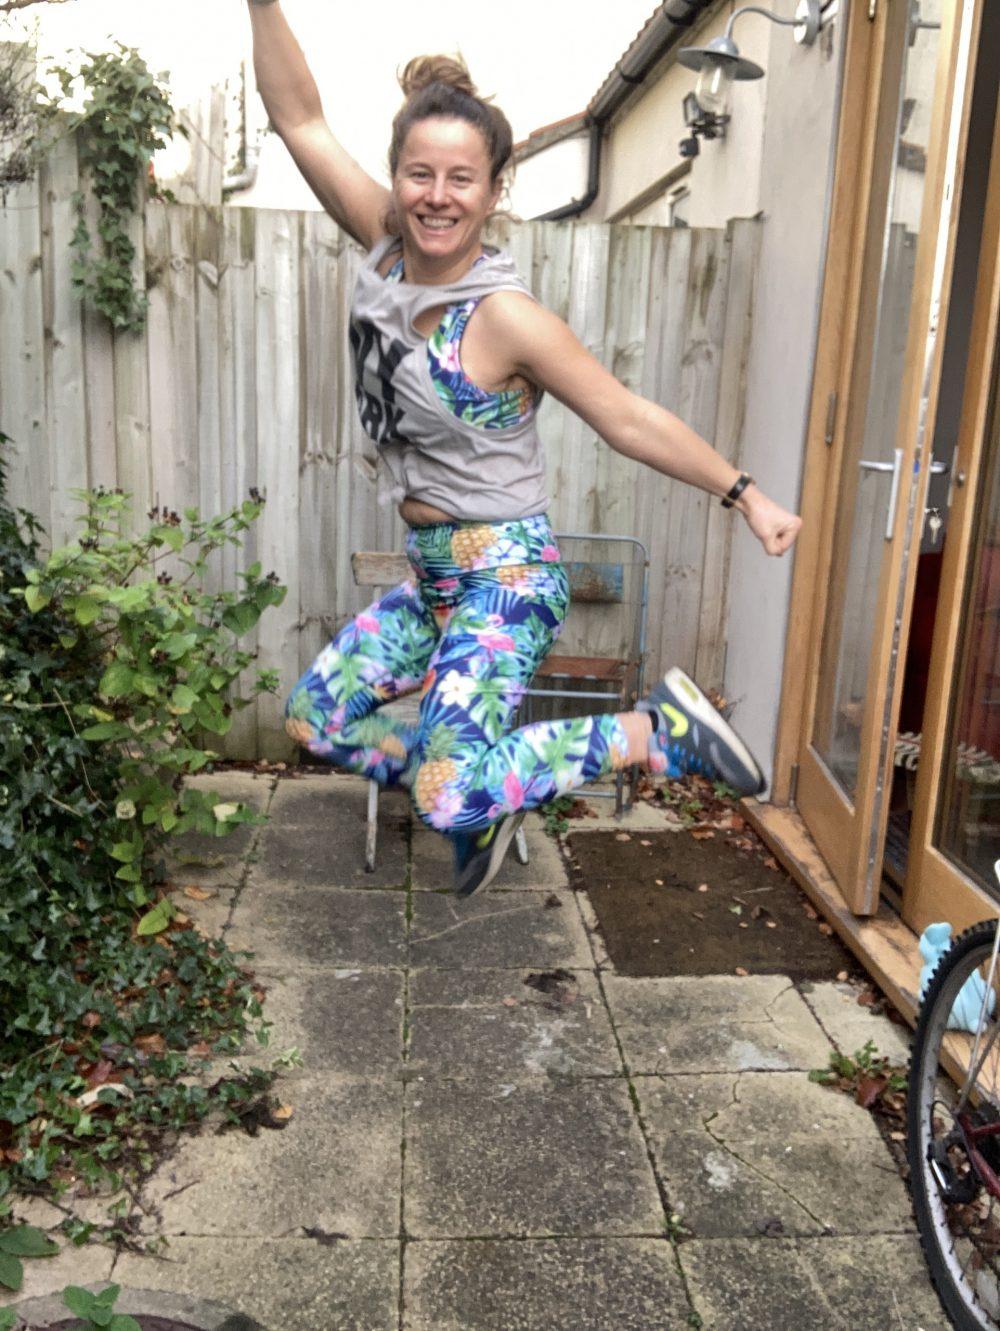 Grace Willow of Joy in Dance